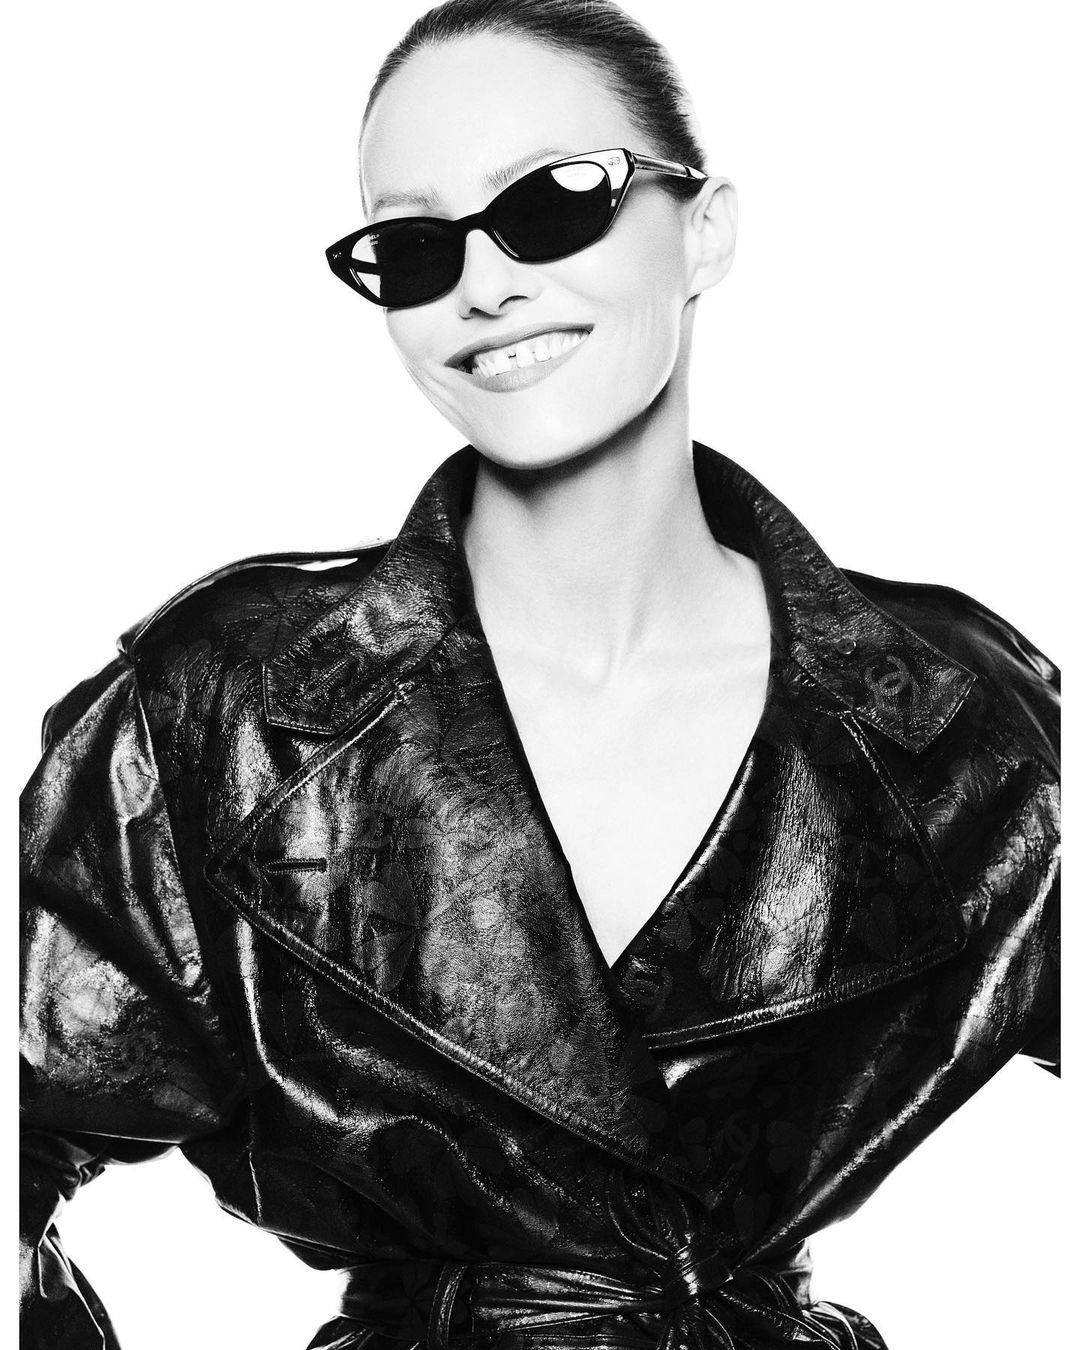 Ванесса Паради снялась в эффектной фотосессии для глянца (ФОТО) - фото №1